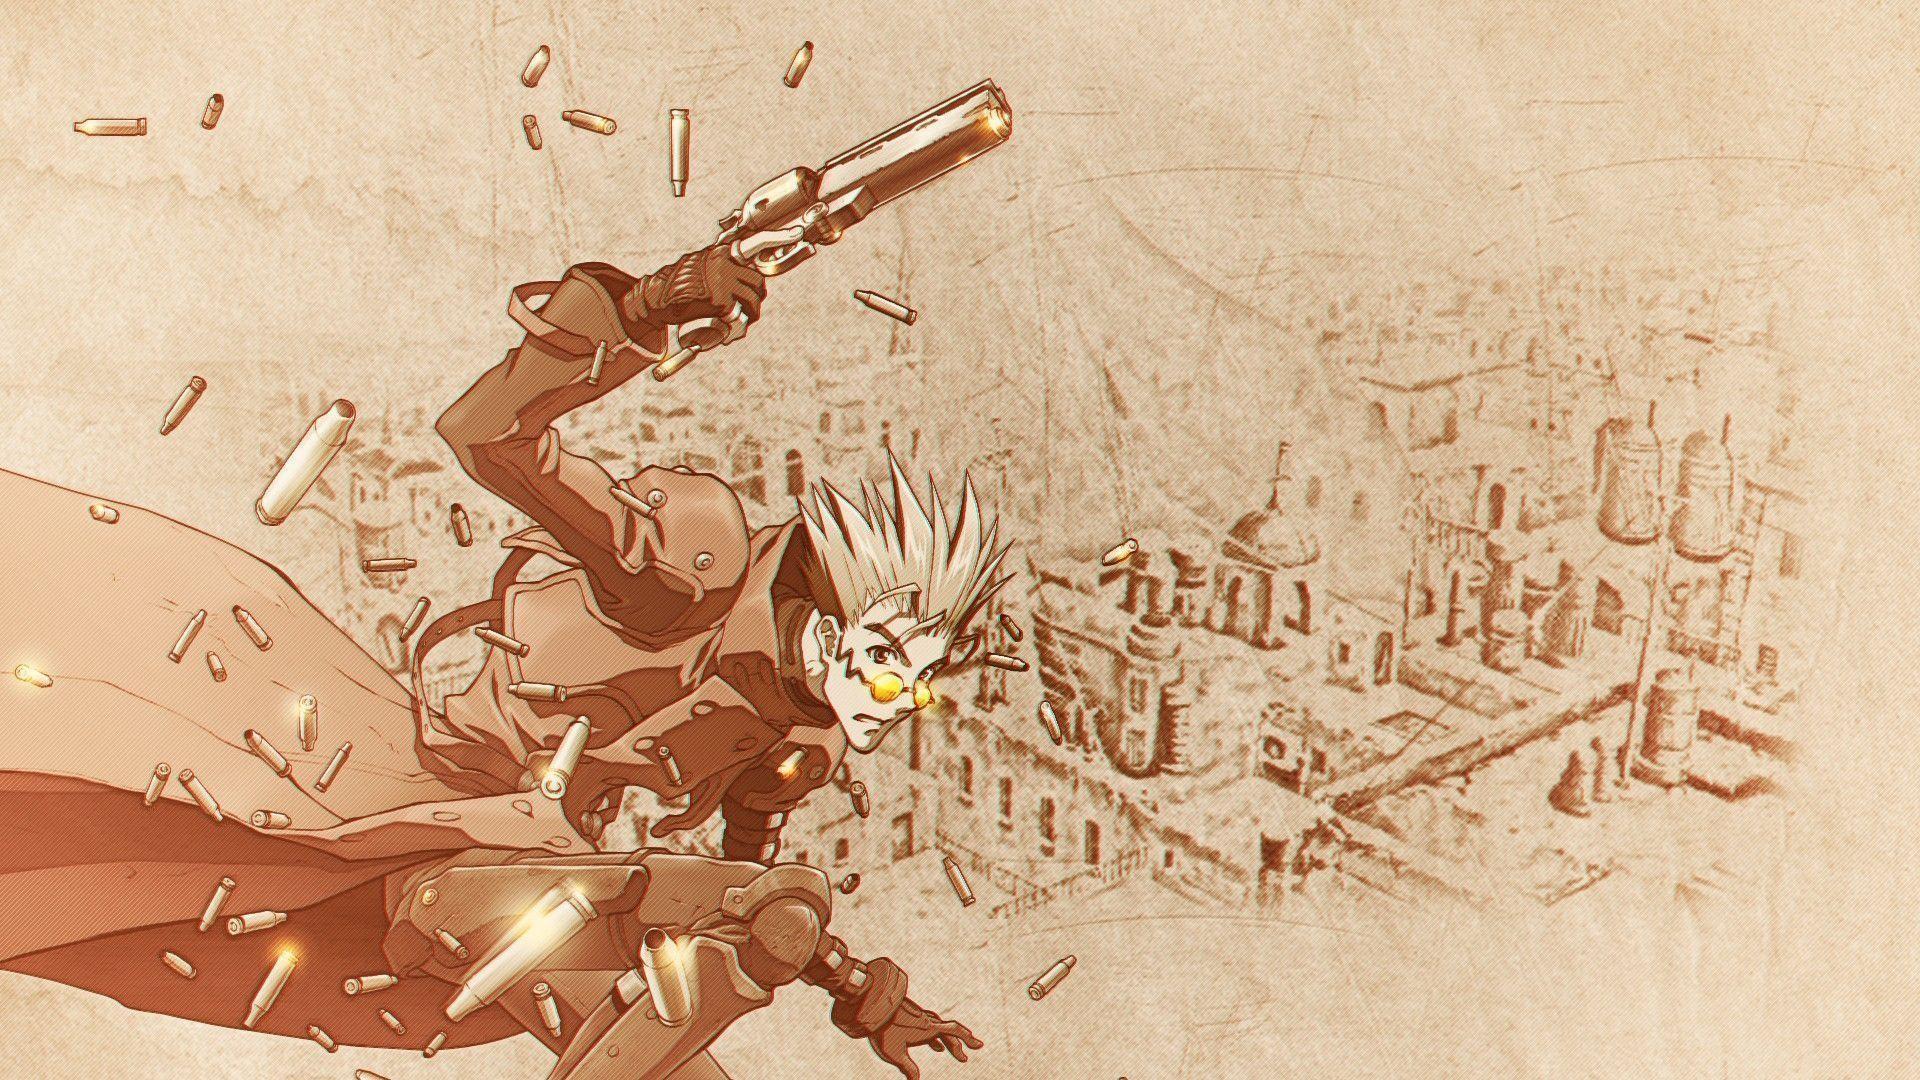 Trigun Wallpaper | 2560×1440 | ID:56552